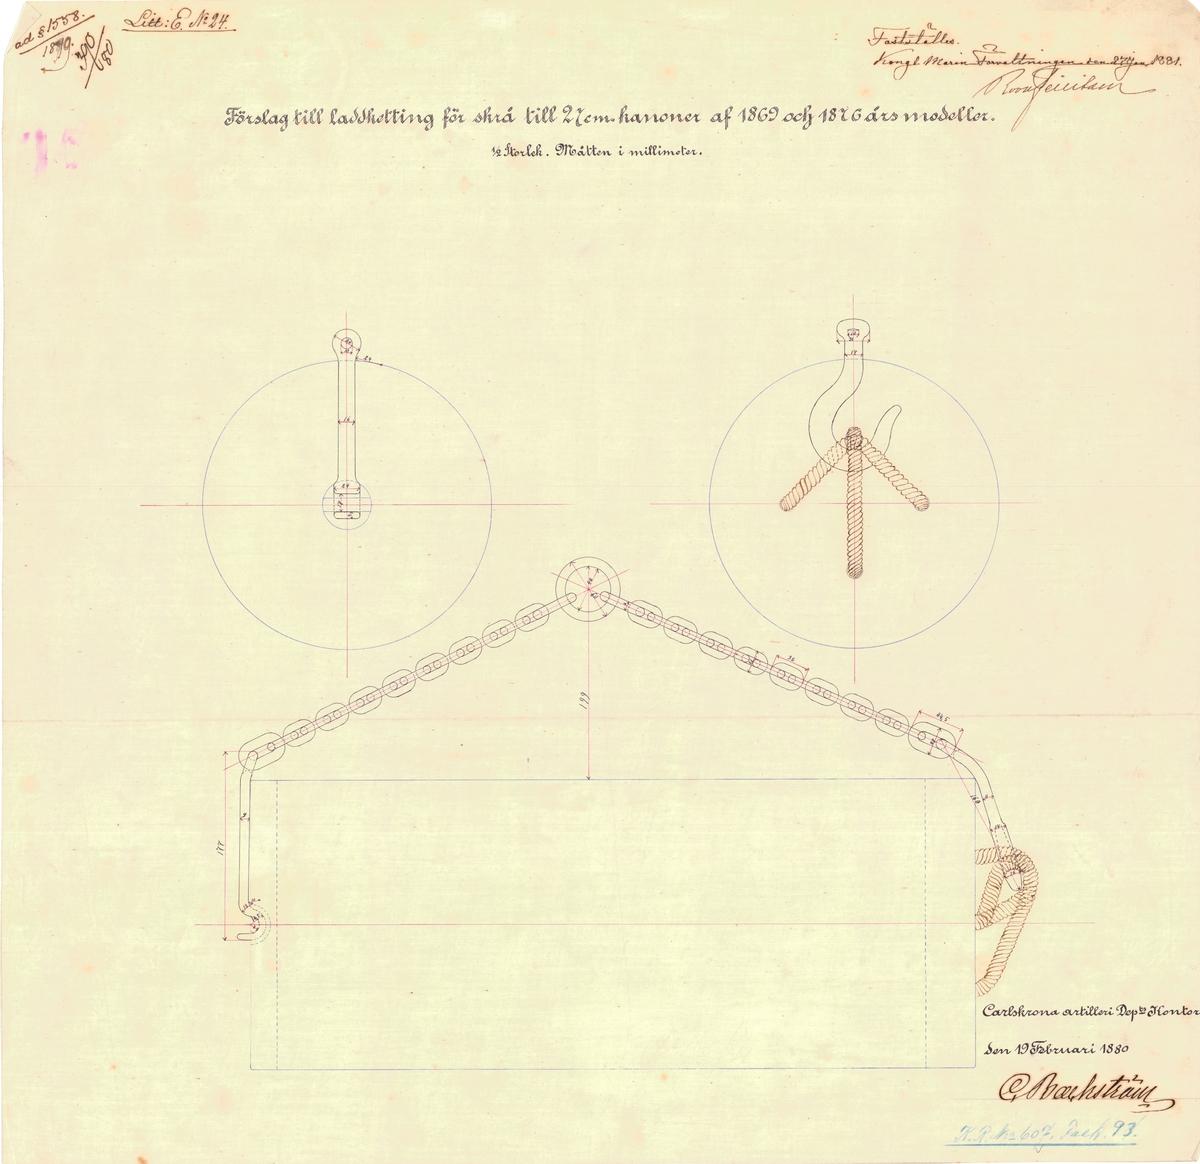 Förslag till laddkätting för skrå till 27 cm kanon av 1869 årsmodell